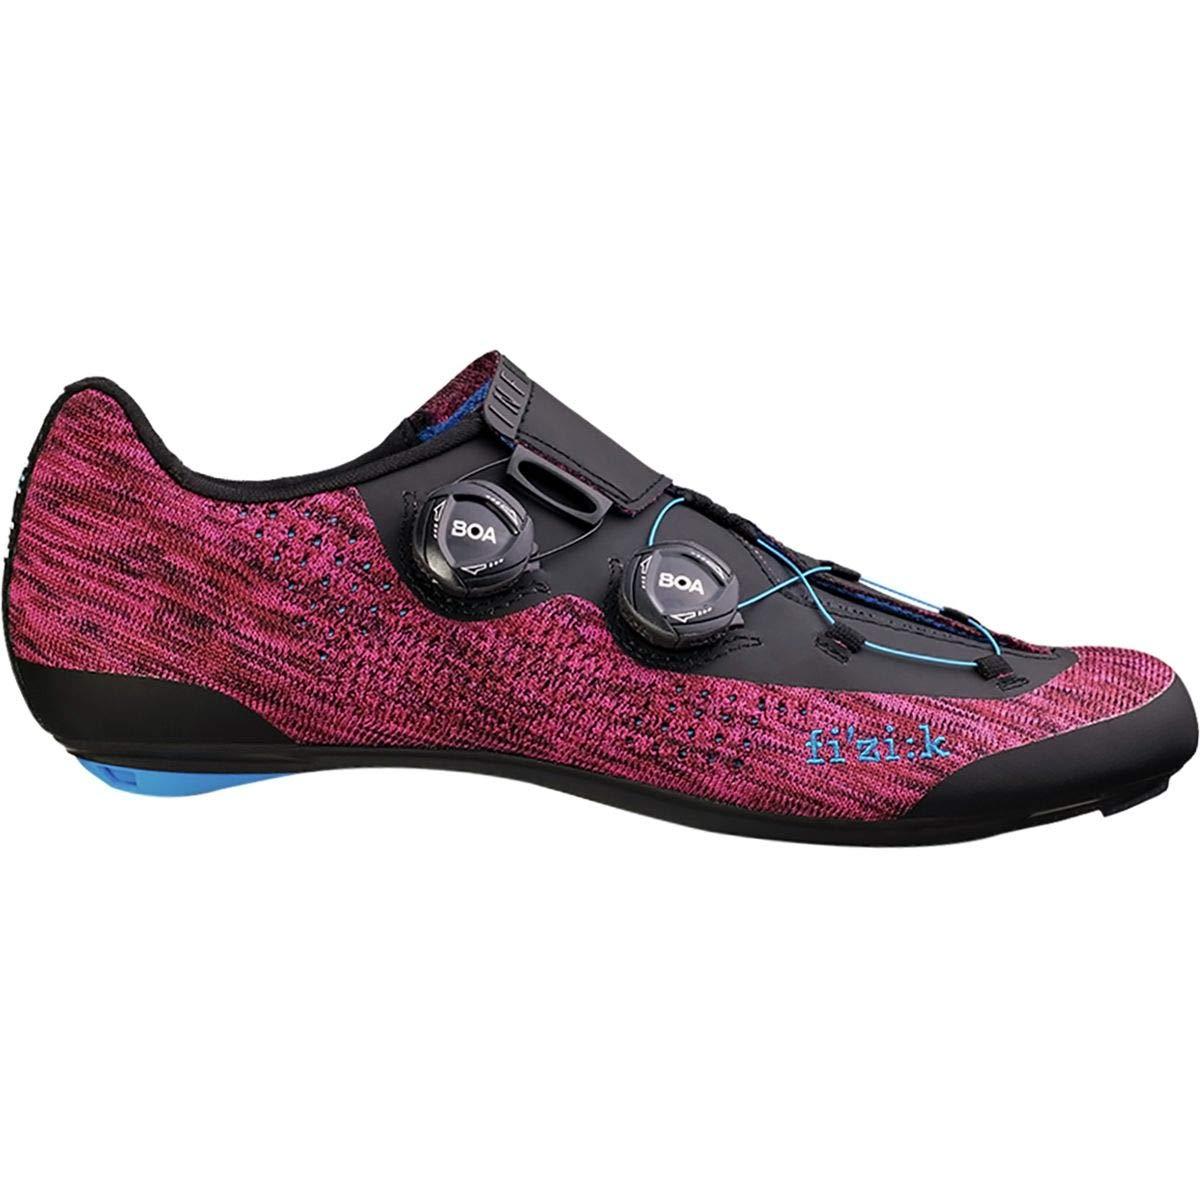 Fizik R1 Infinito Knit Cycling Shoe Purple/Blue Knitted, 37.0